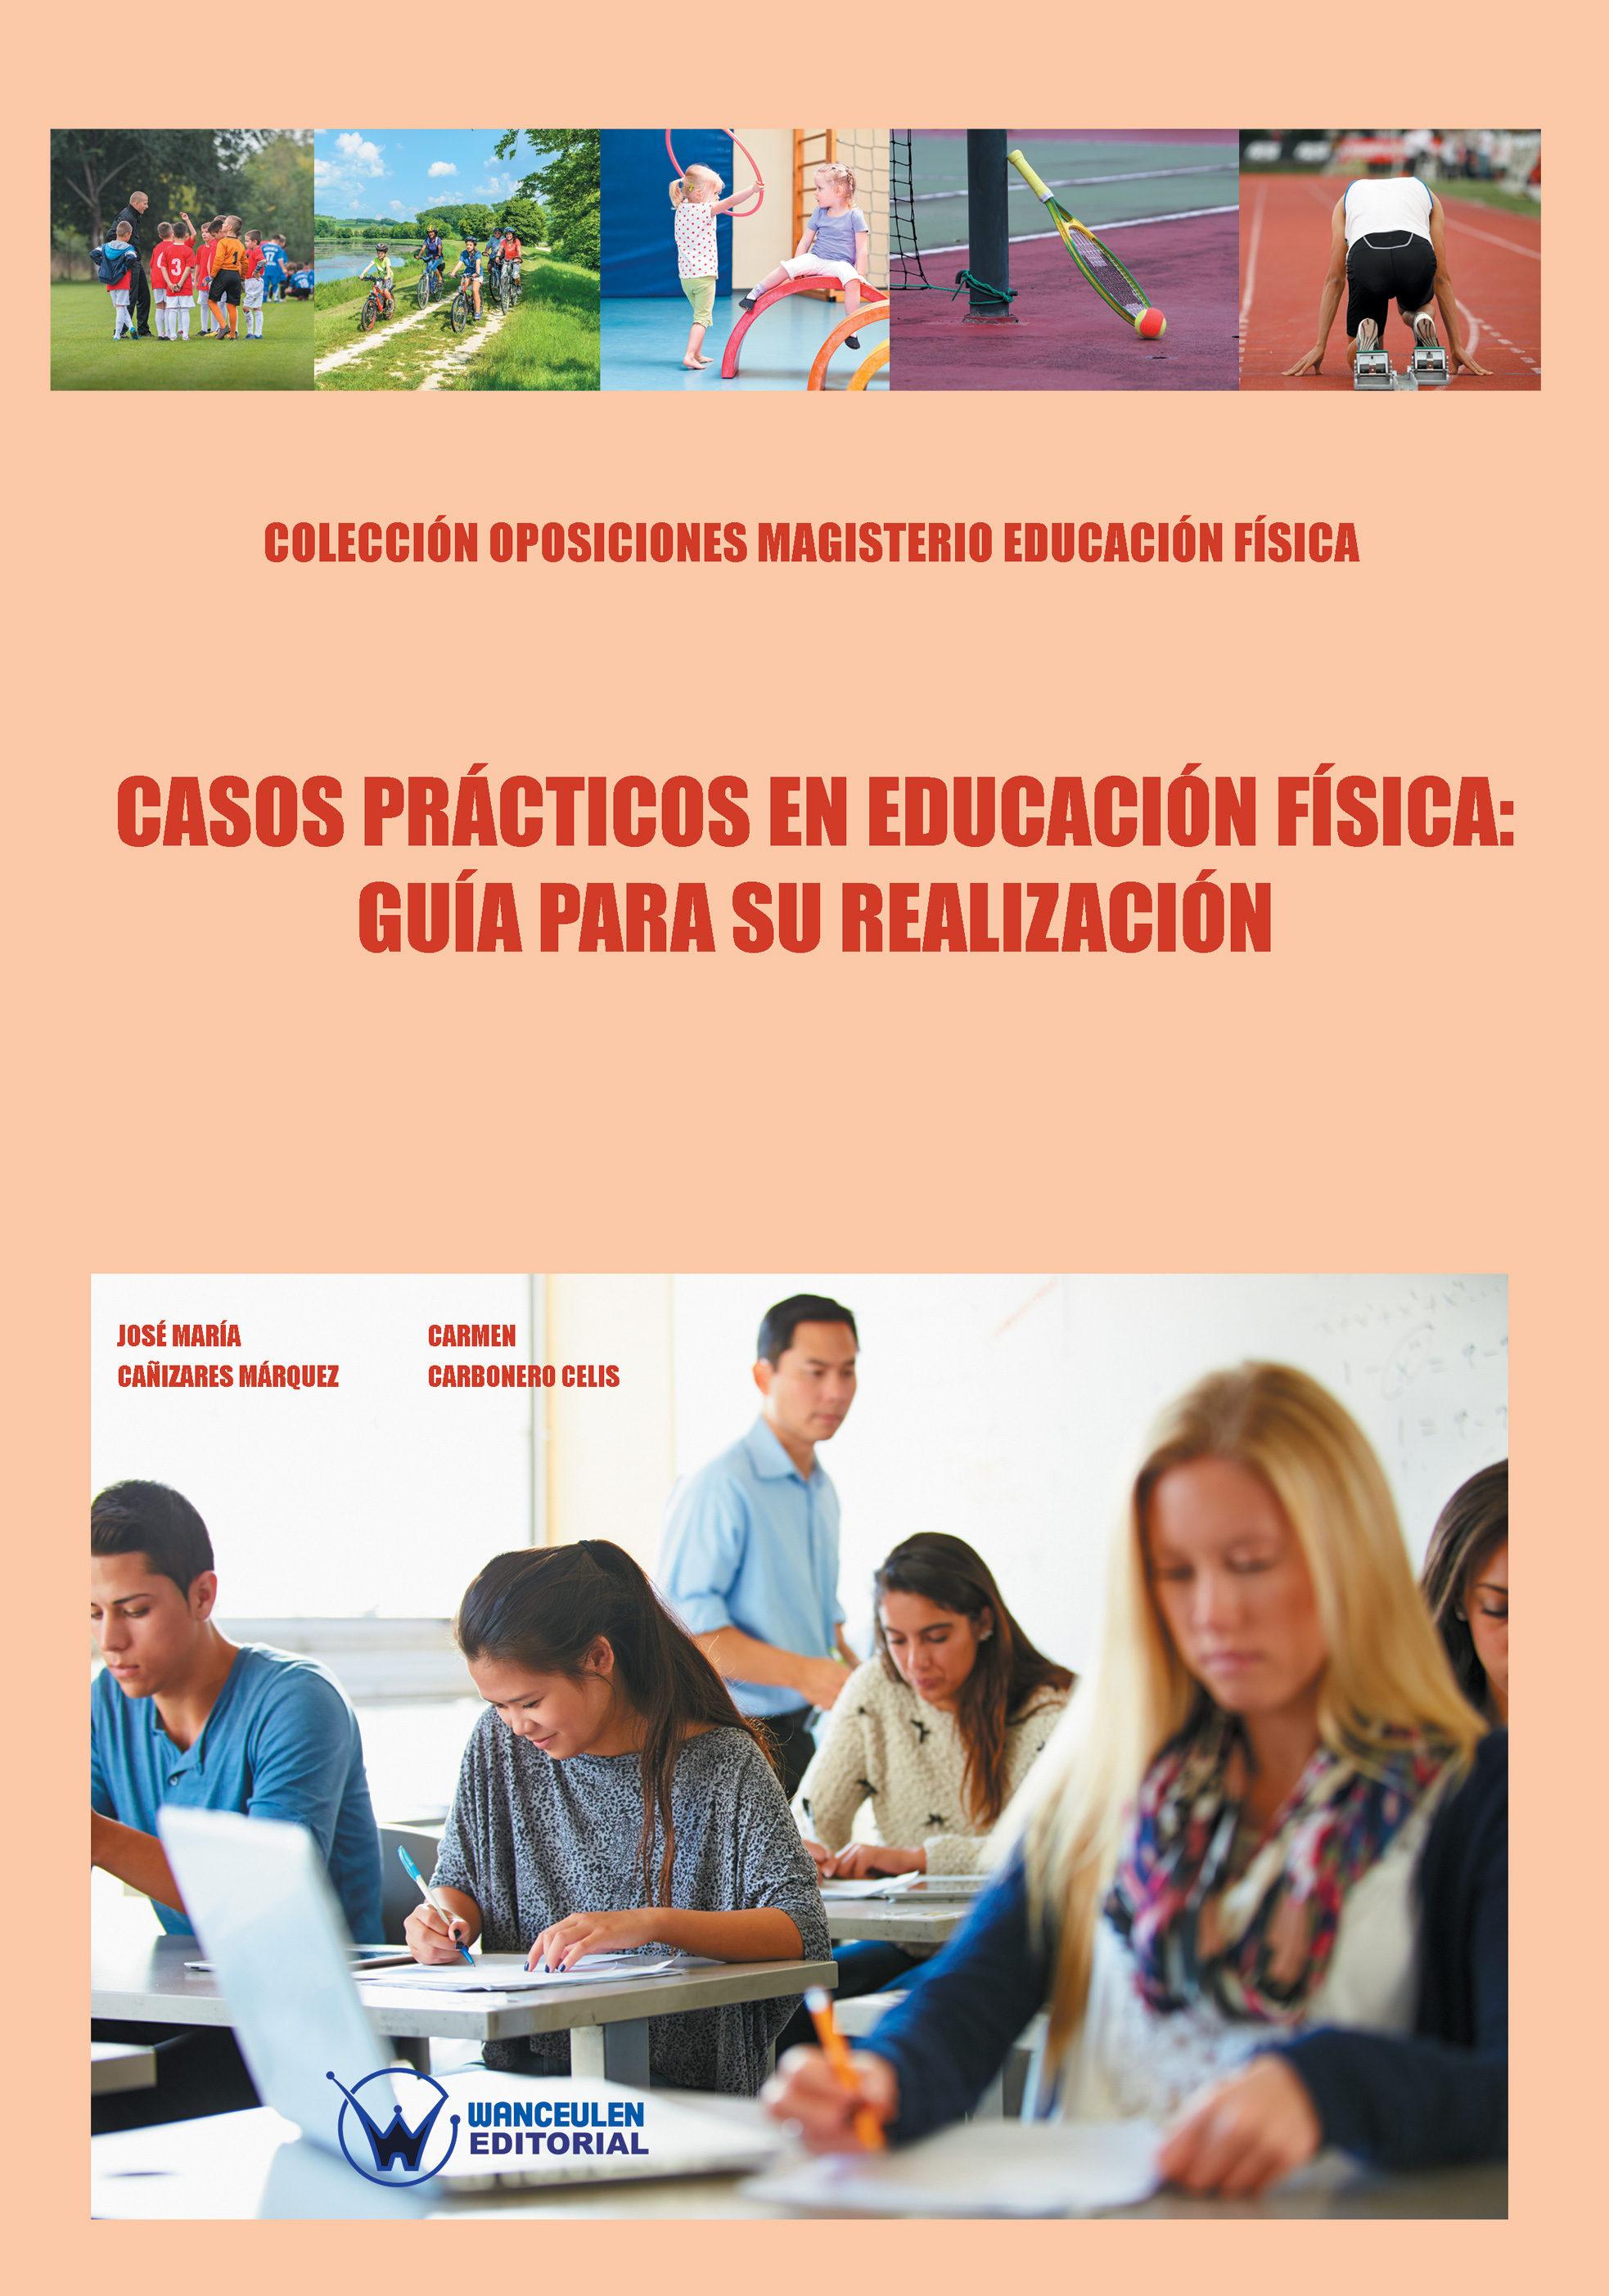 Casos Prácticos En Educación Física: Guía Para Su Resolución   por Jose Maria Cañizares Marquez, Carmen Carbonero Celis